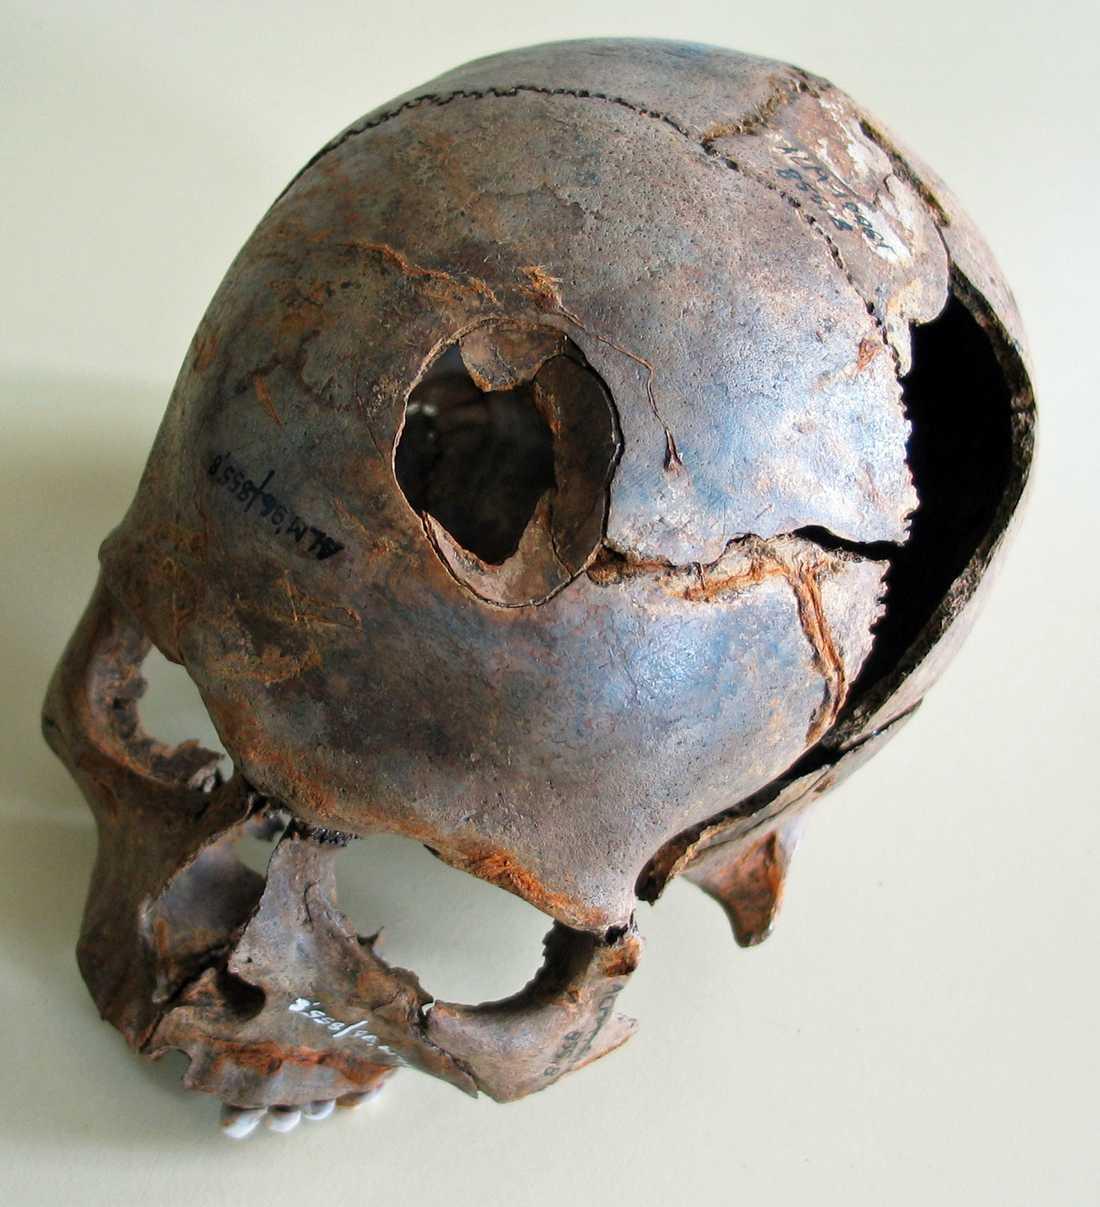 Utöver pilar och spjut användes också trubbigt våld, som denna skalle visar där någon fått skallbenet krossat, kanske av en klubba. Rester från minst 130 människor, alla unga män, har hittills hittats på platsen.